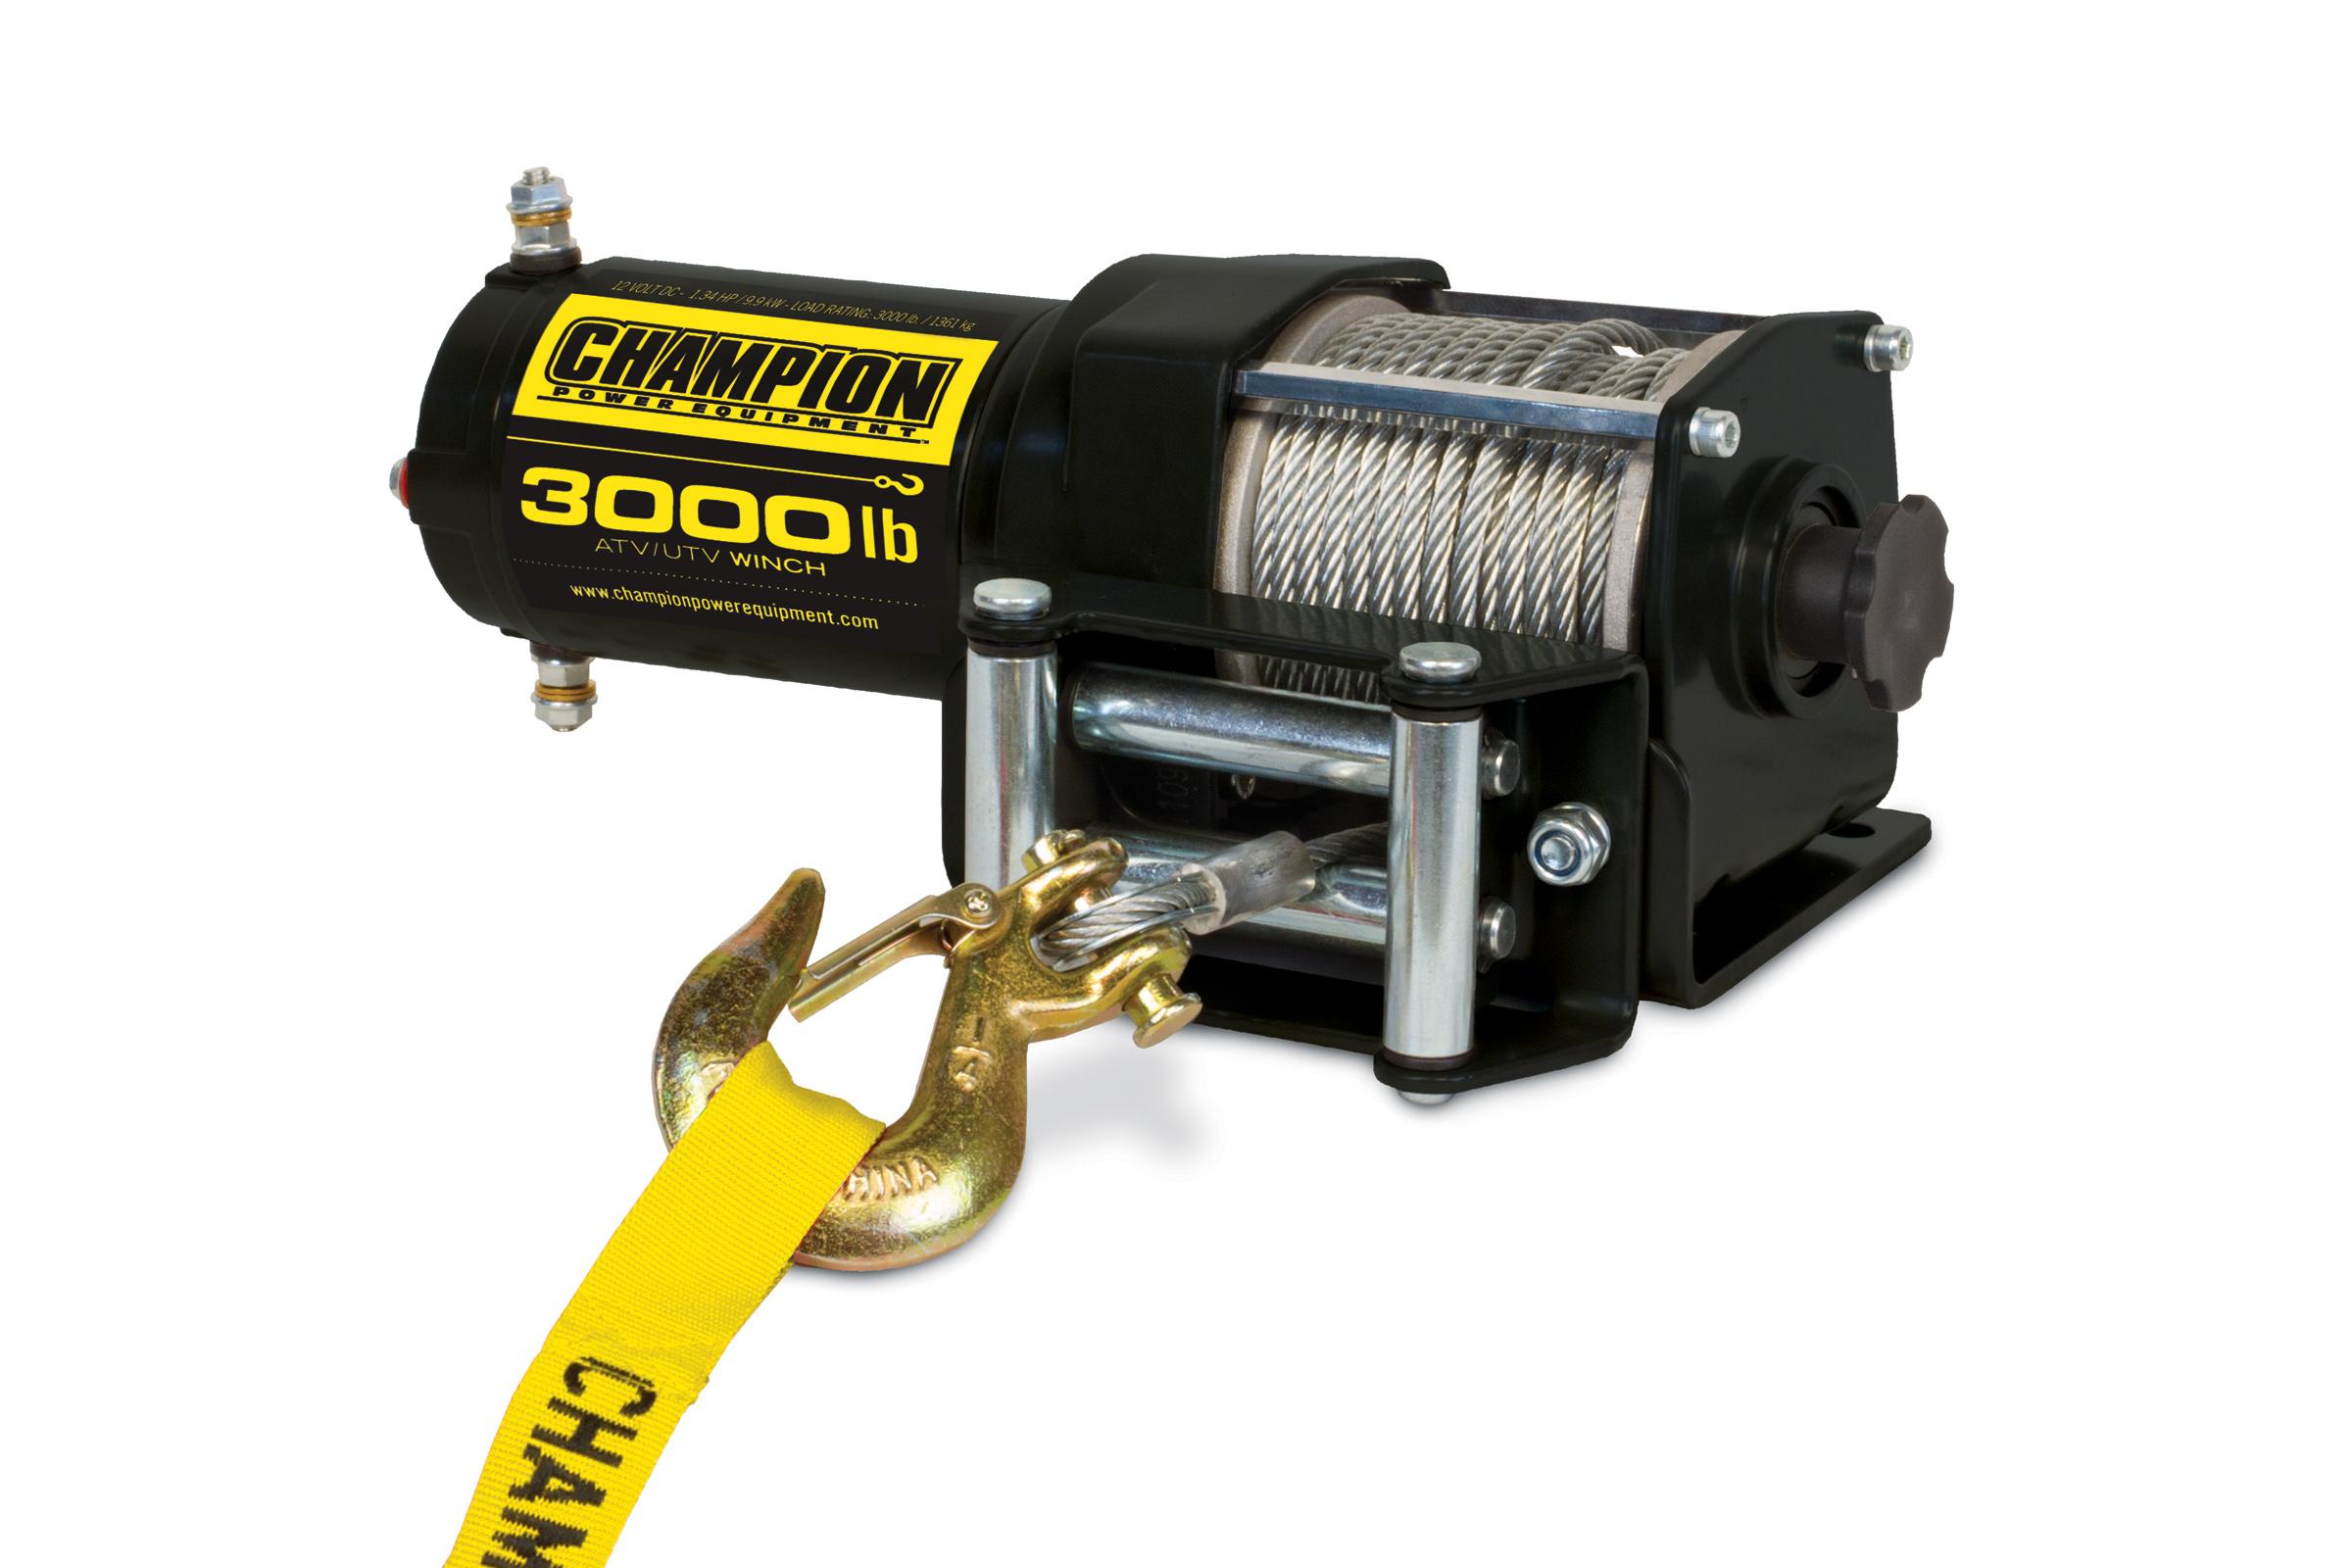 Champion Power Equipment 3000lb ATV/UTV Winch Kit $59.99 + Free Shipping